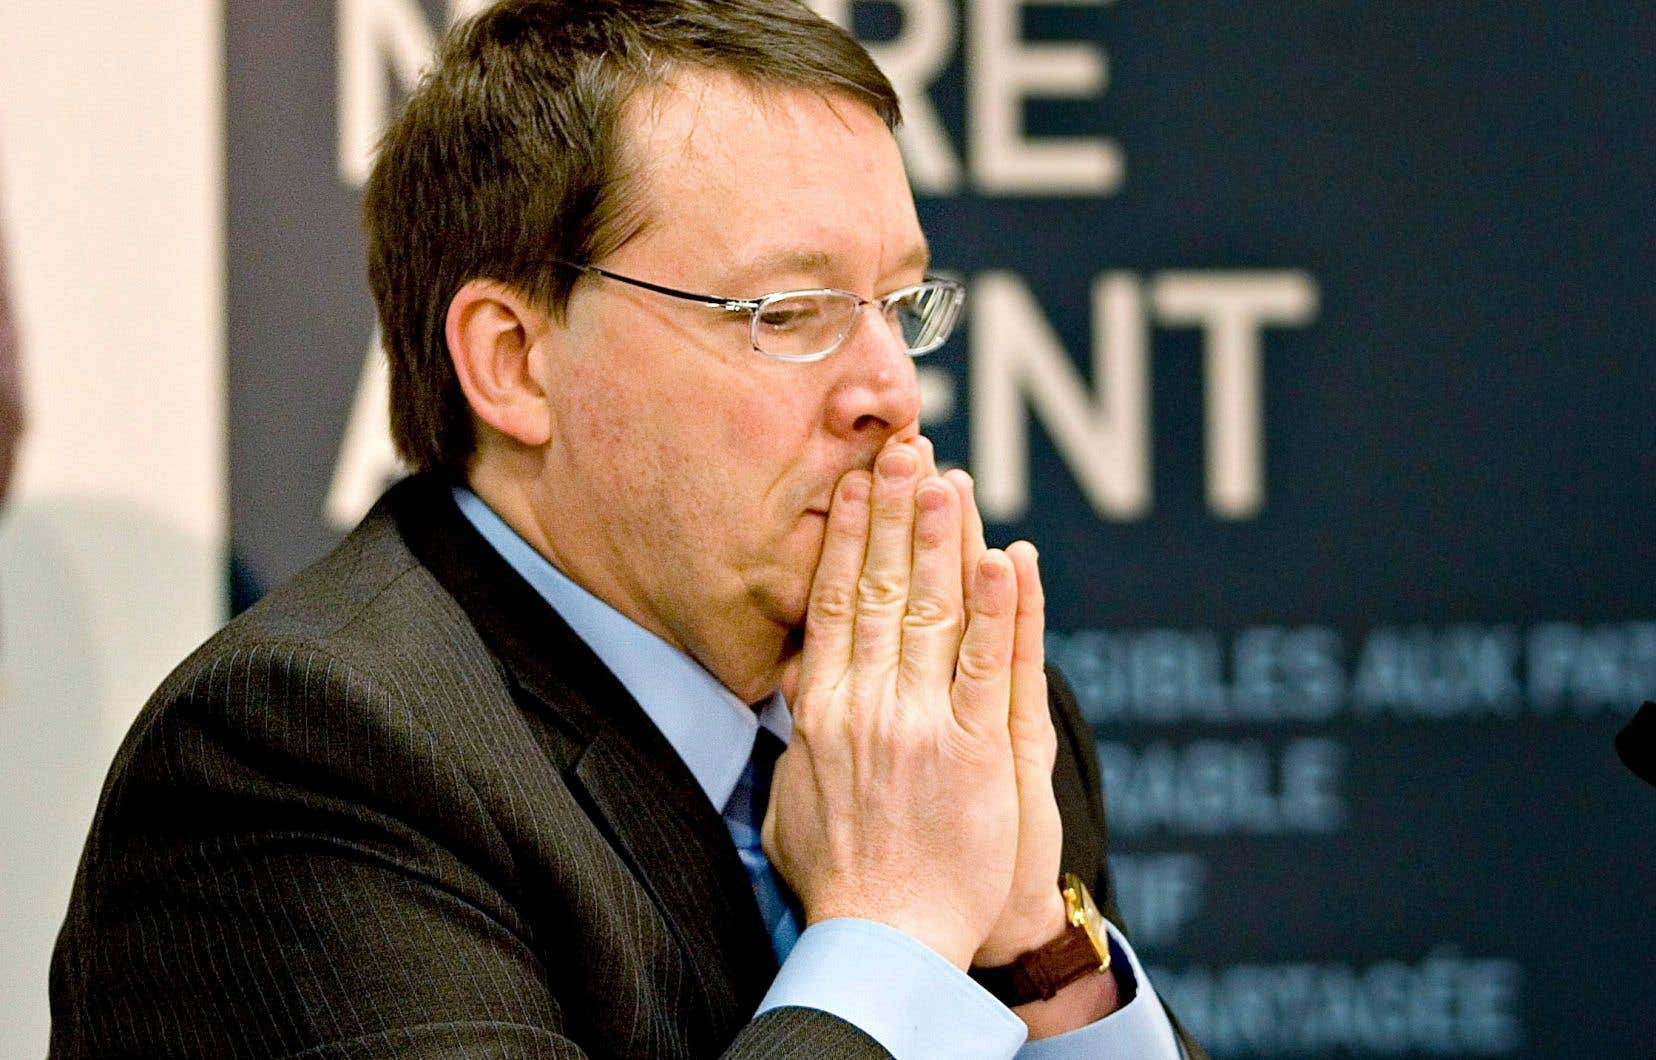 L'ancien directeur de l'Institut du Nouveau Monde (INM)Michel Venne est accusé d'agression sexuelle et d'exploitation sexuelle pour des gestes posés en 2008.